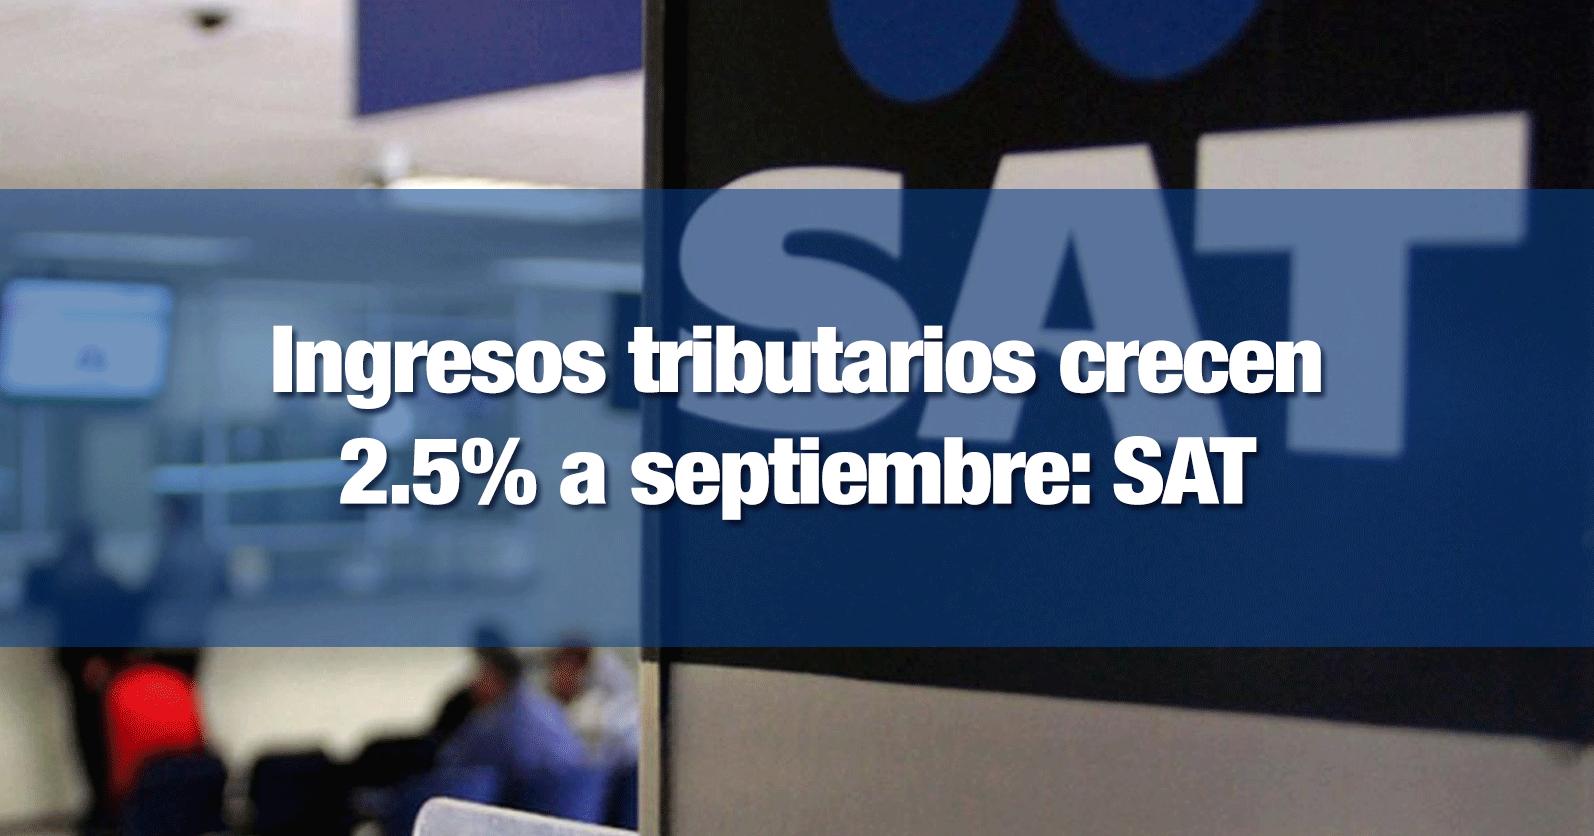 Ingresos tributarios crecen 2.5% a septiembre: SAT